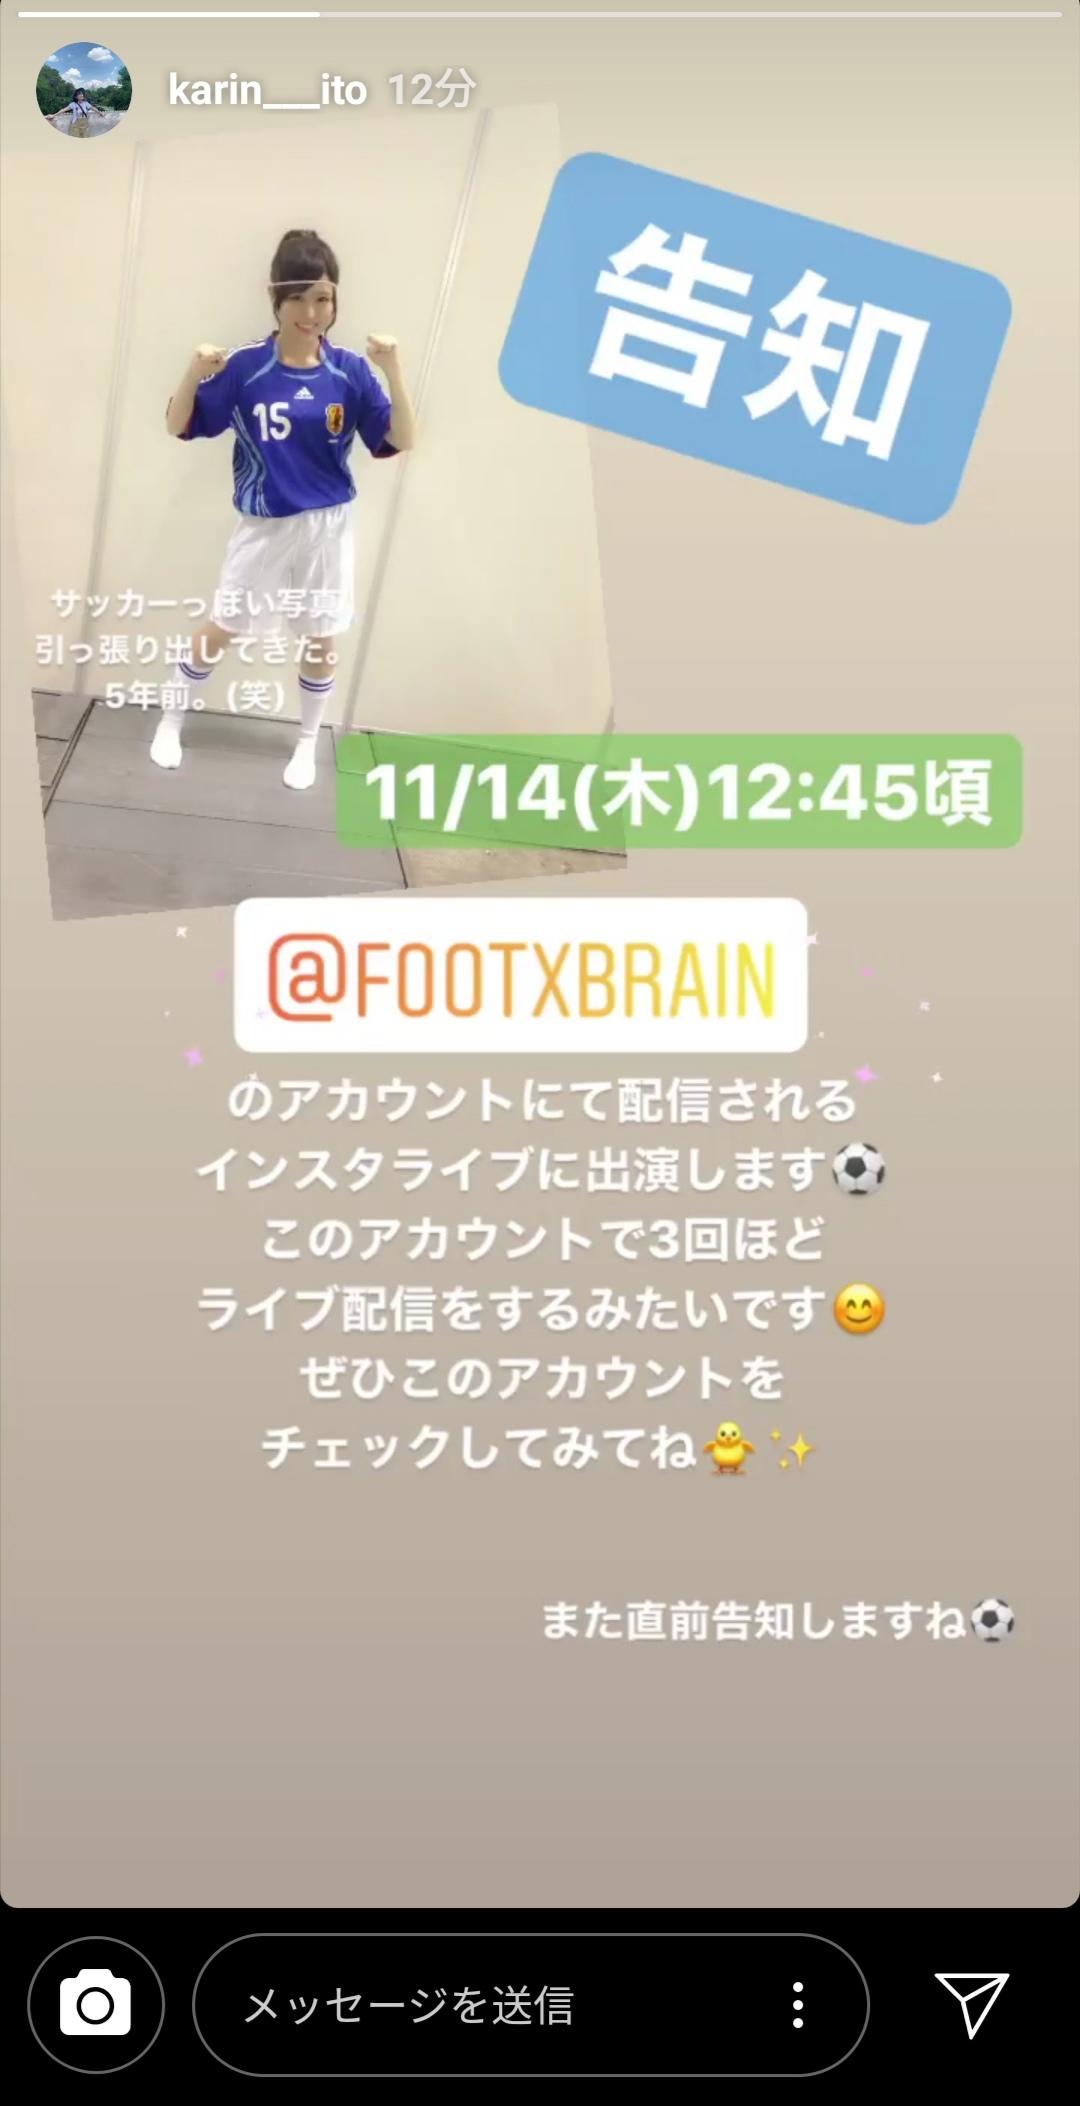 伊藤かりん FOOT×BRAIN